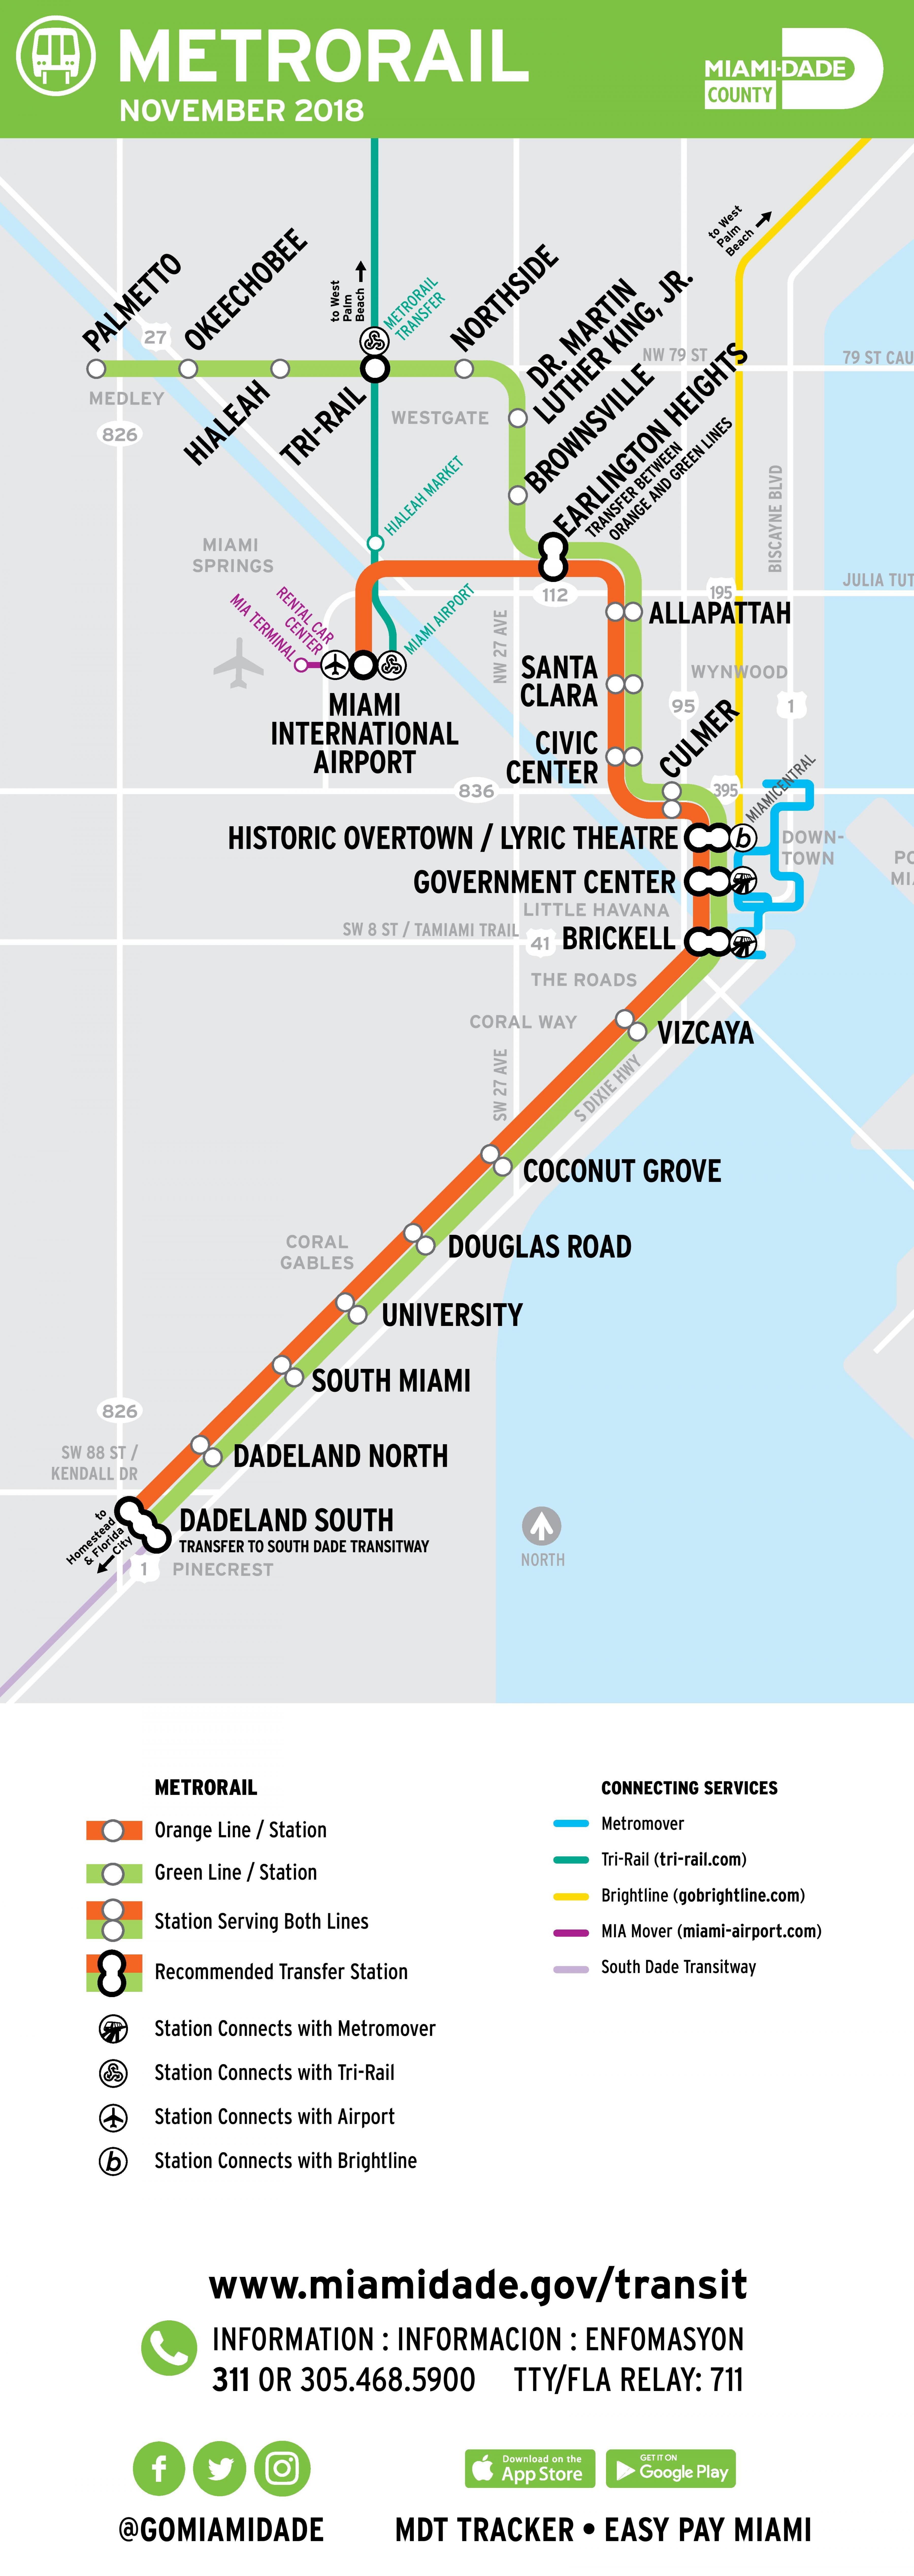 Miami metrorail map - Metrorail map Miami (Florida - USA) on